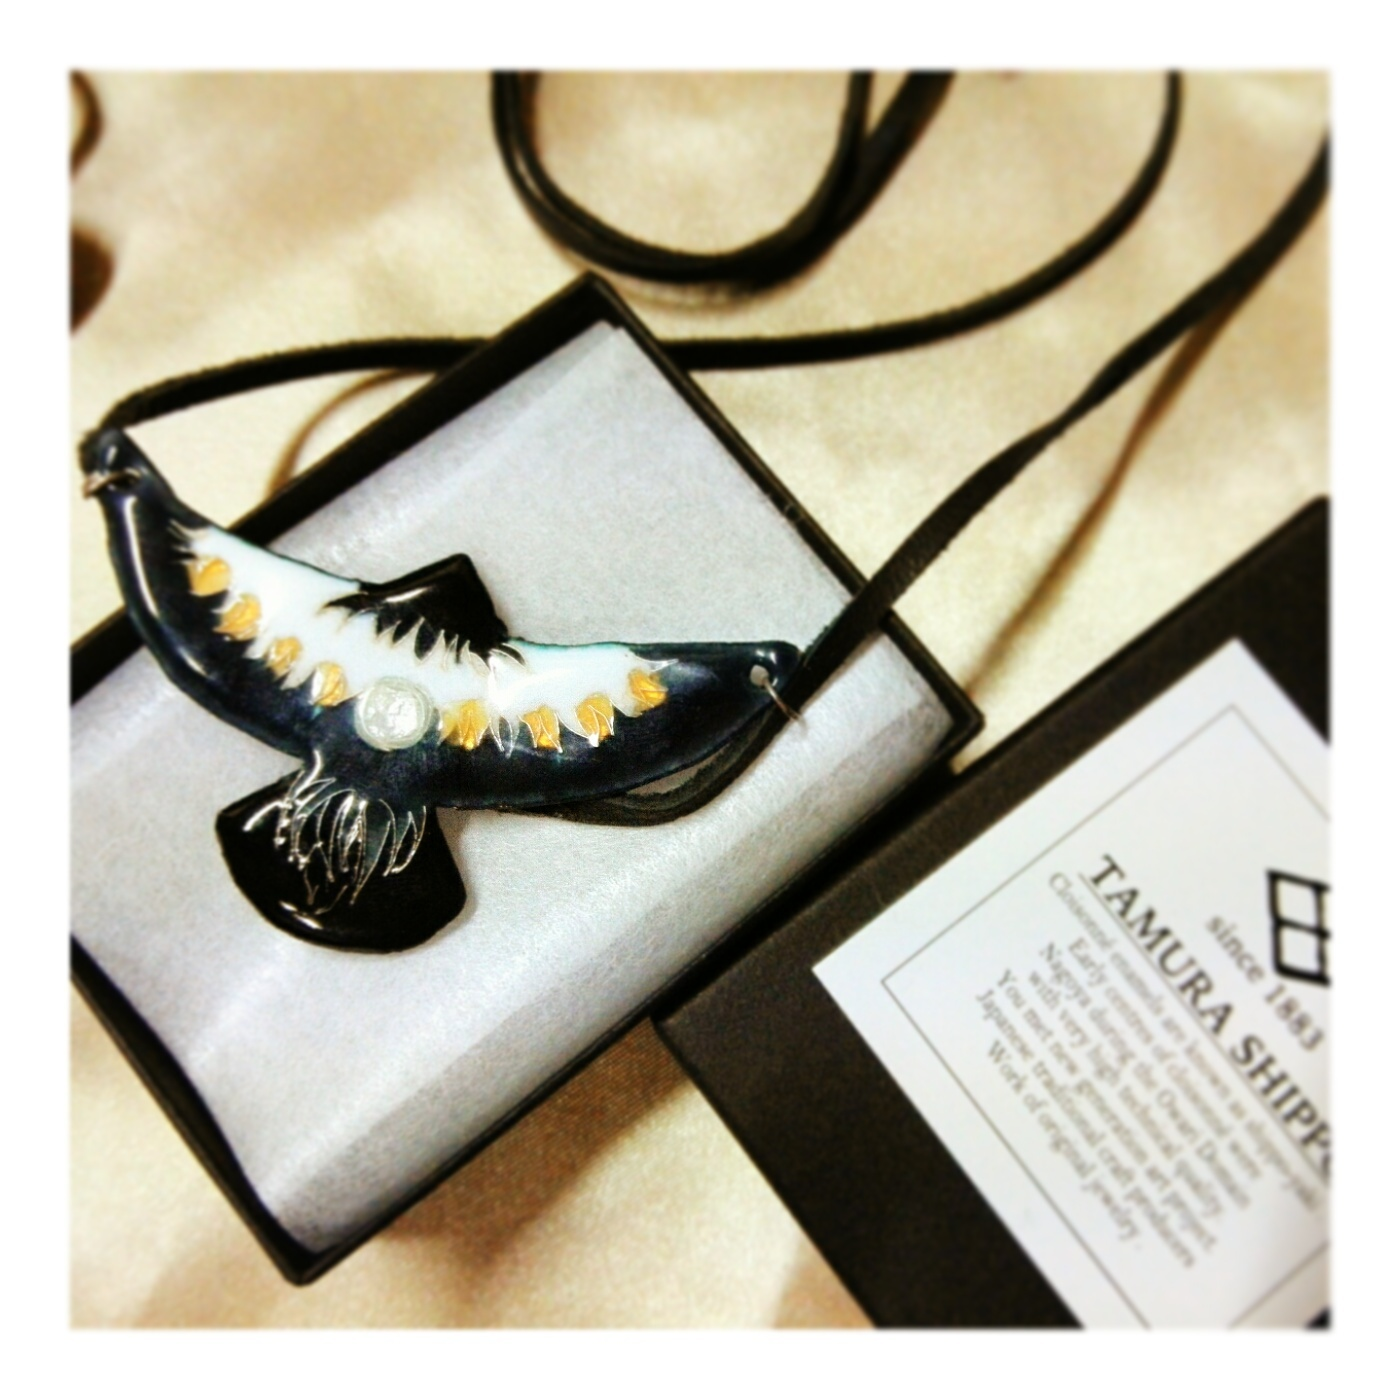 七宝イーグルネックレス  - Cloisonne Eagle necklace -